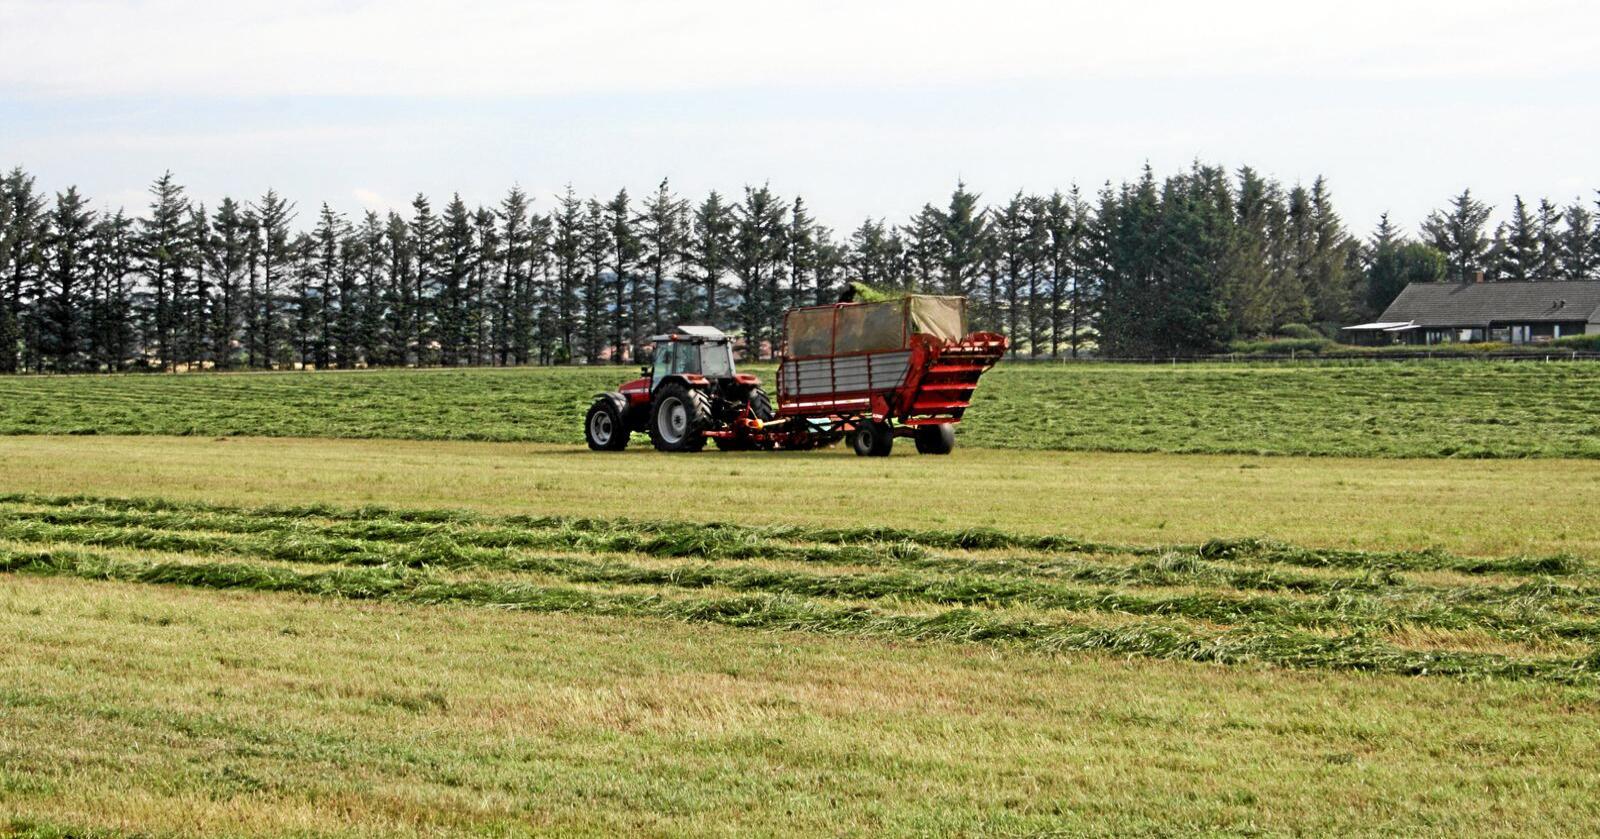 Bondeinntekt: Budsjettnemnda for jordbruket ventar at inntektene til bøndene vil auke kraftig i år. Foto: Bjarne Bekkeheien Aase